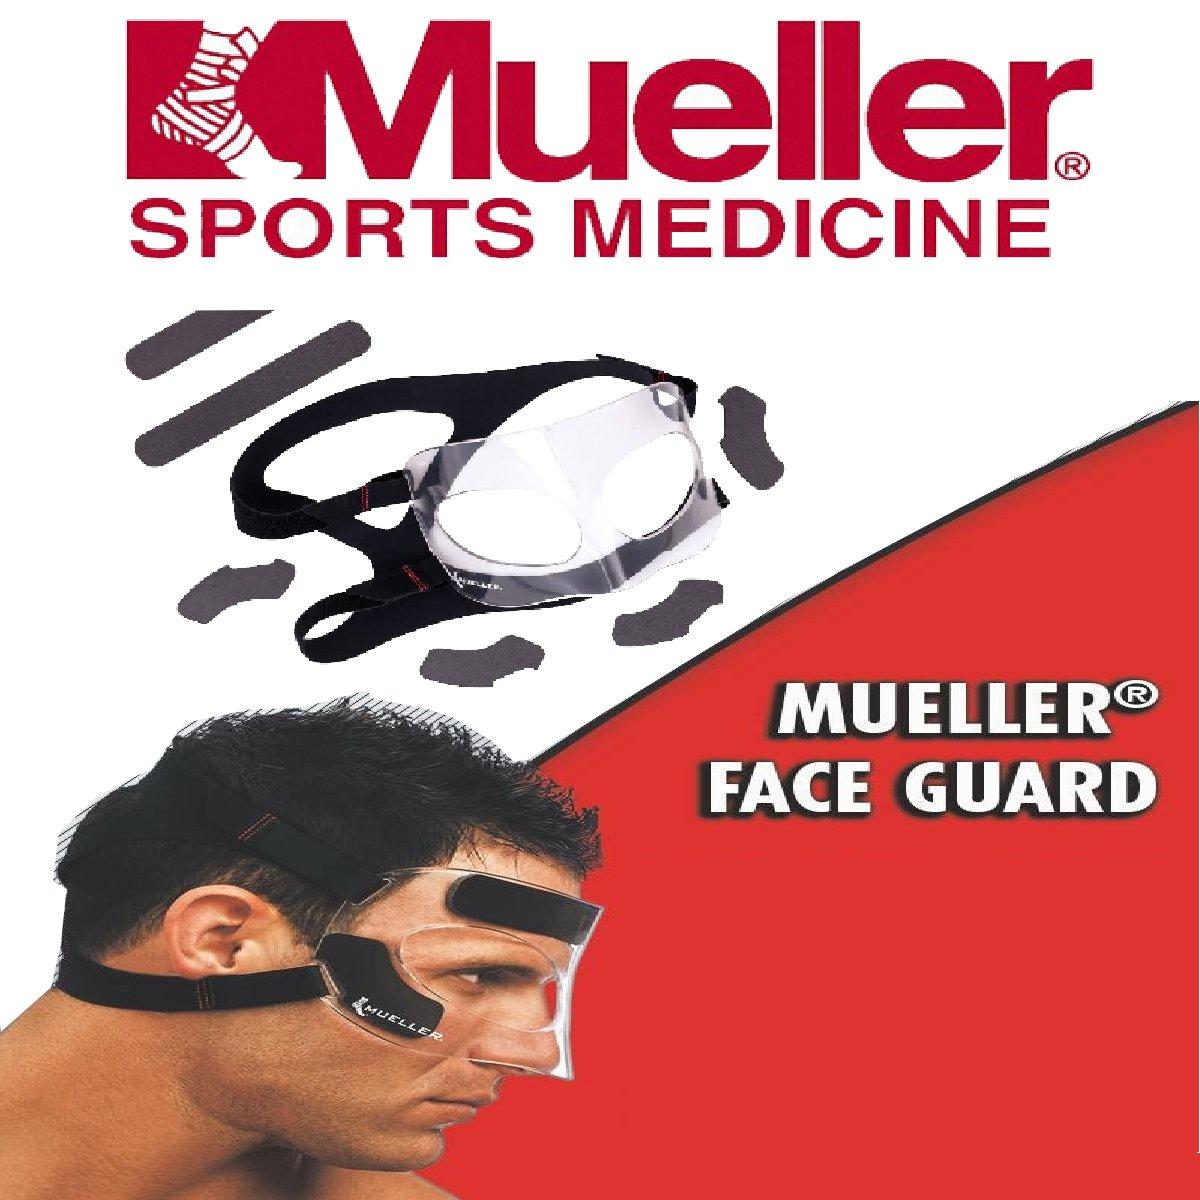 mueller FACE GUARD